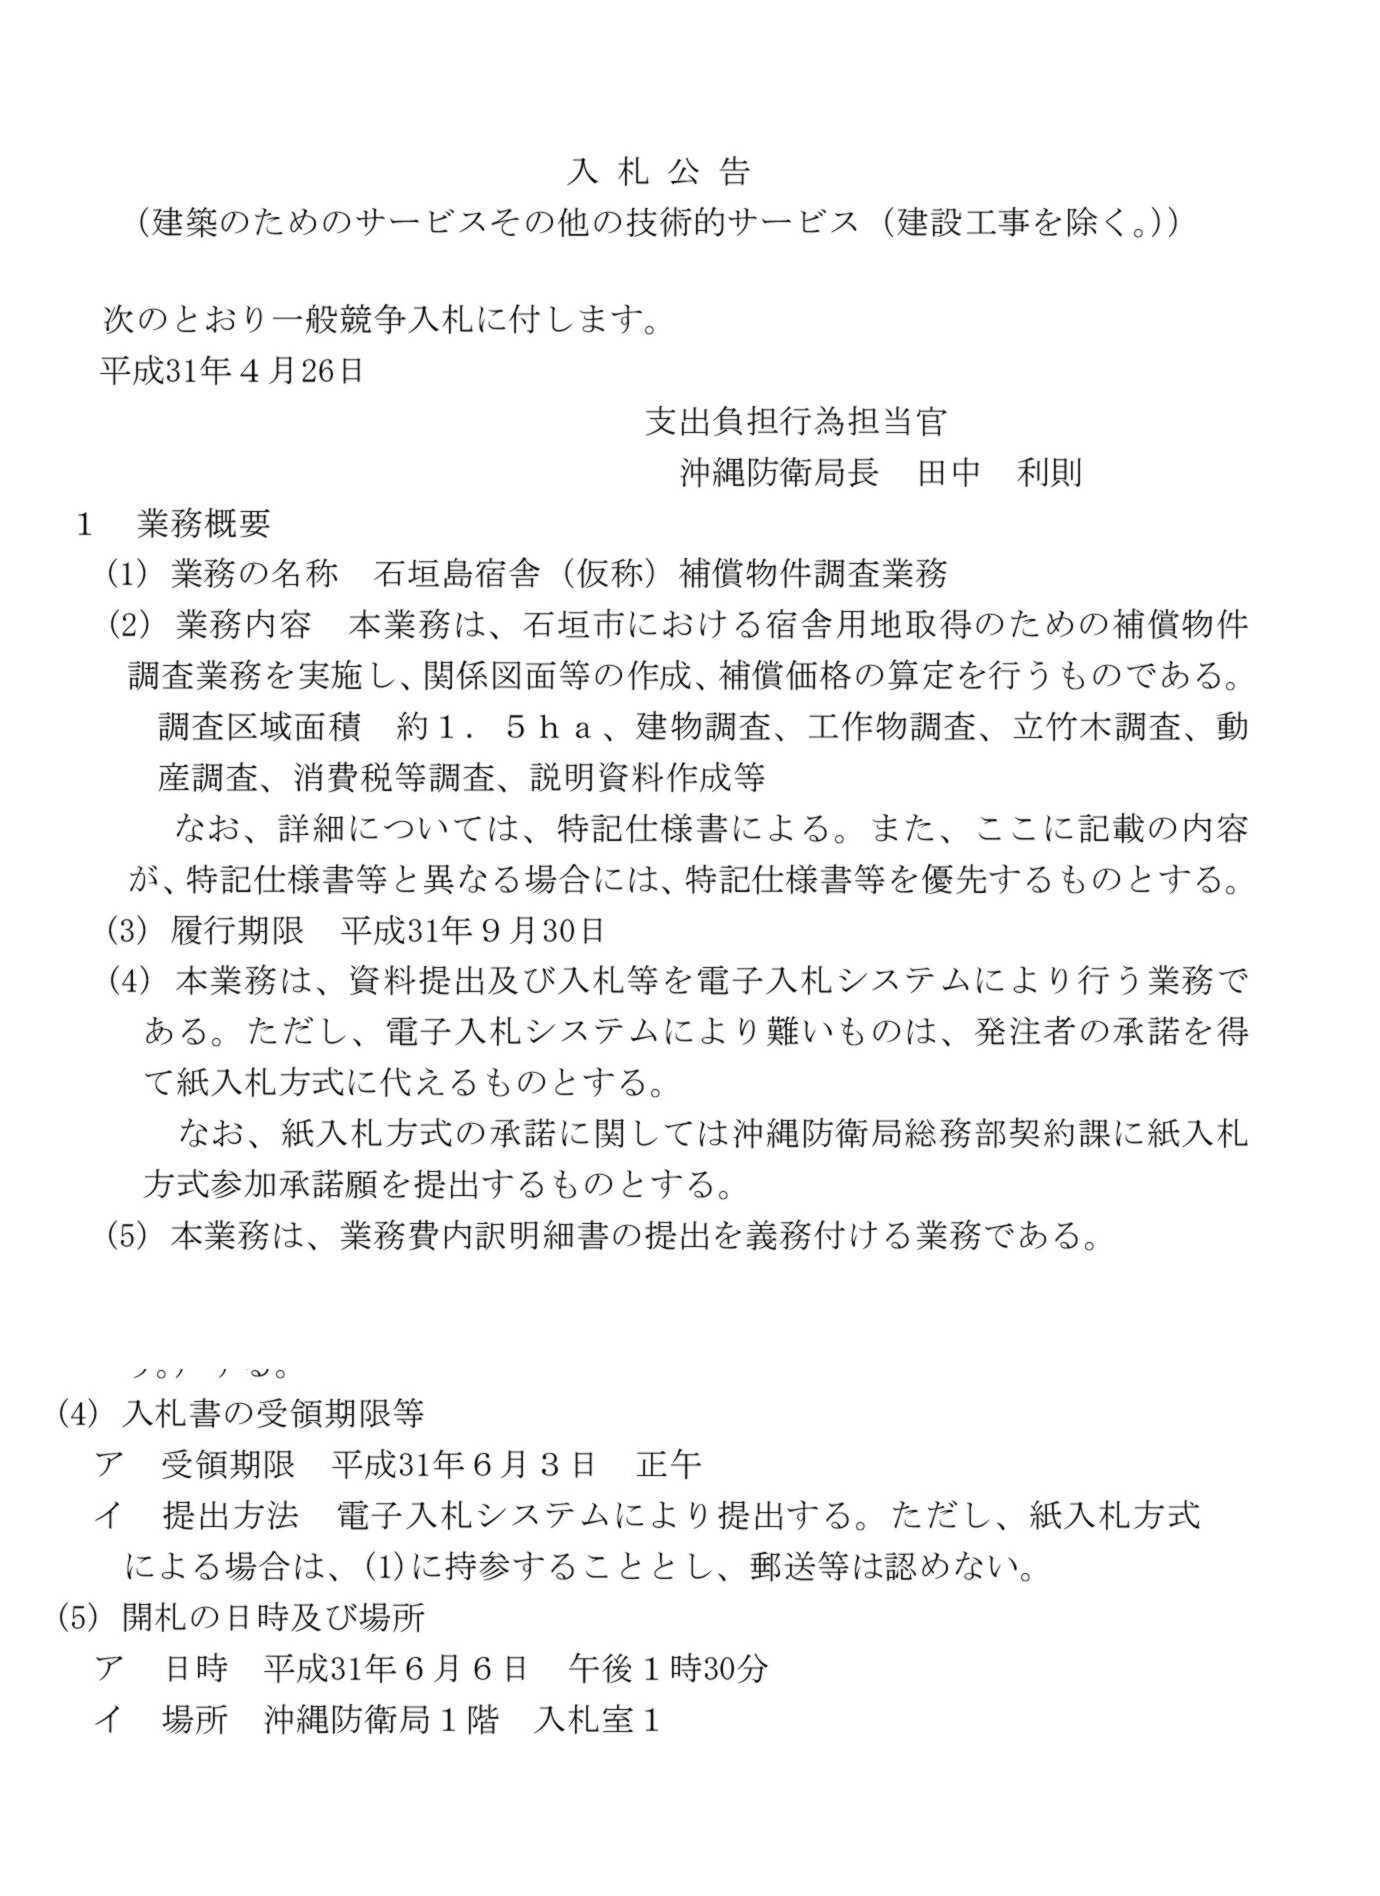 2019 0426 沖防入札補償物件調査